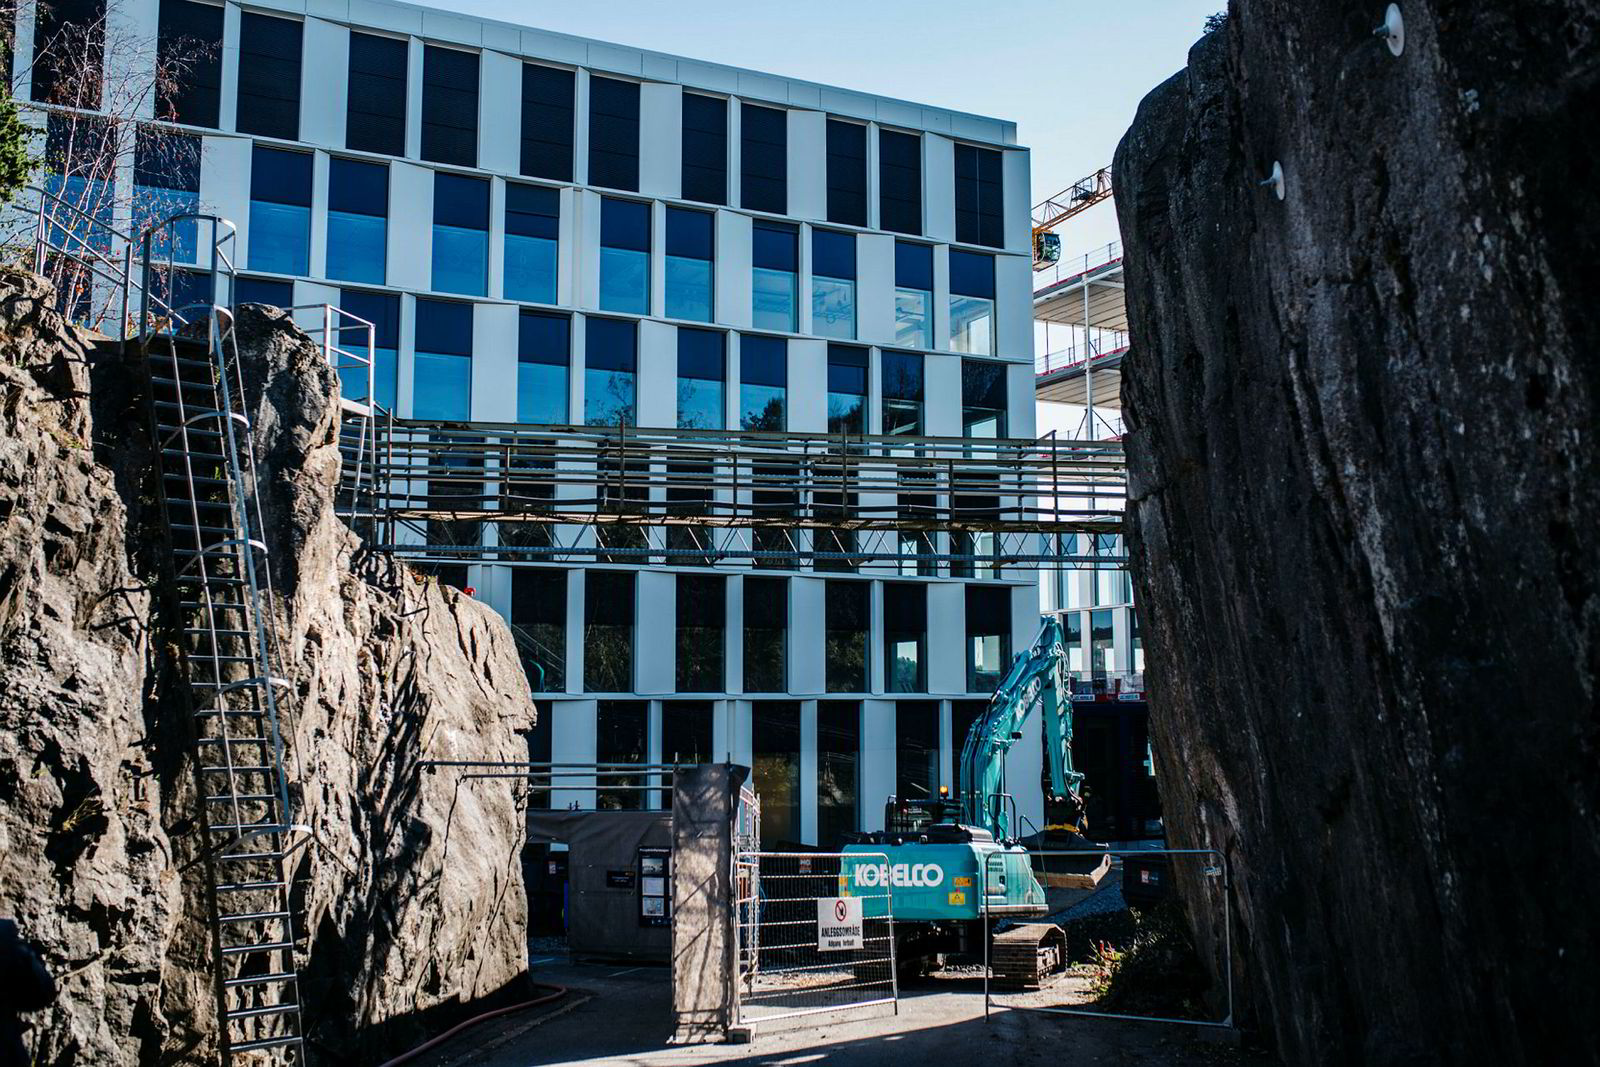 Jotun investerer nesten 1,4 milliarder kroner i det nye hovedkontoret og forskningsbygget i Sandefjord som vil stå ferdig ved årsskifte 2018/2019.